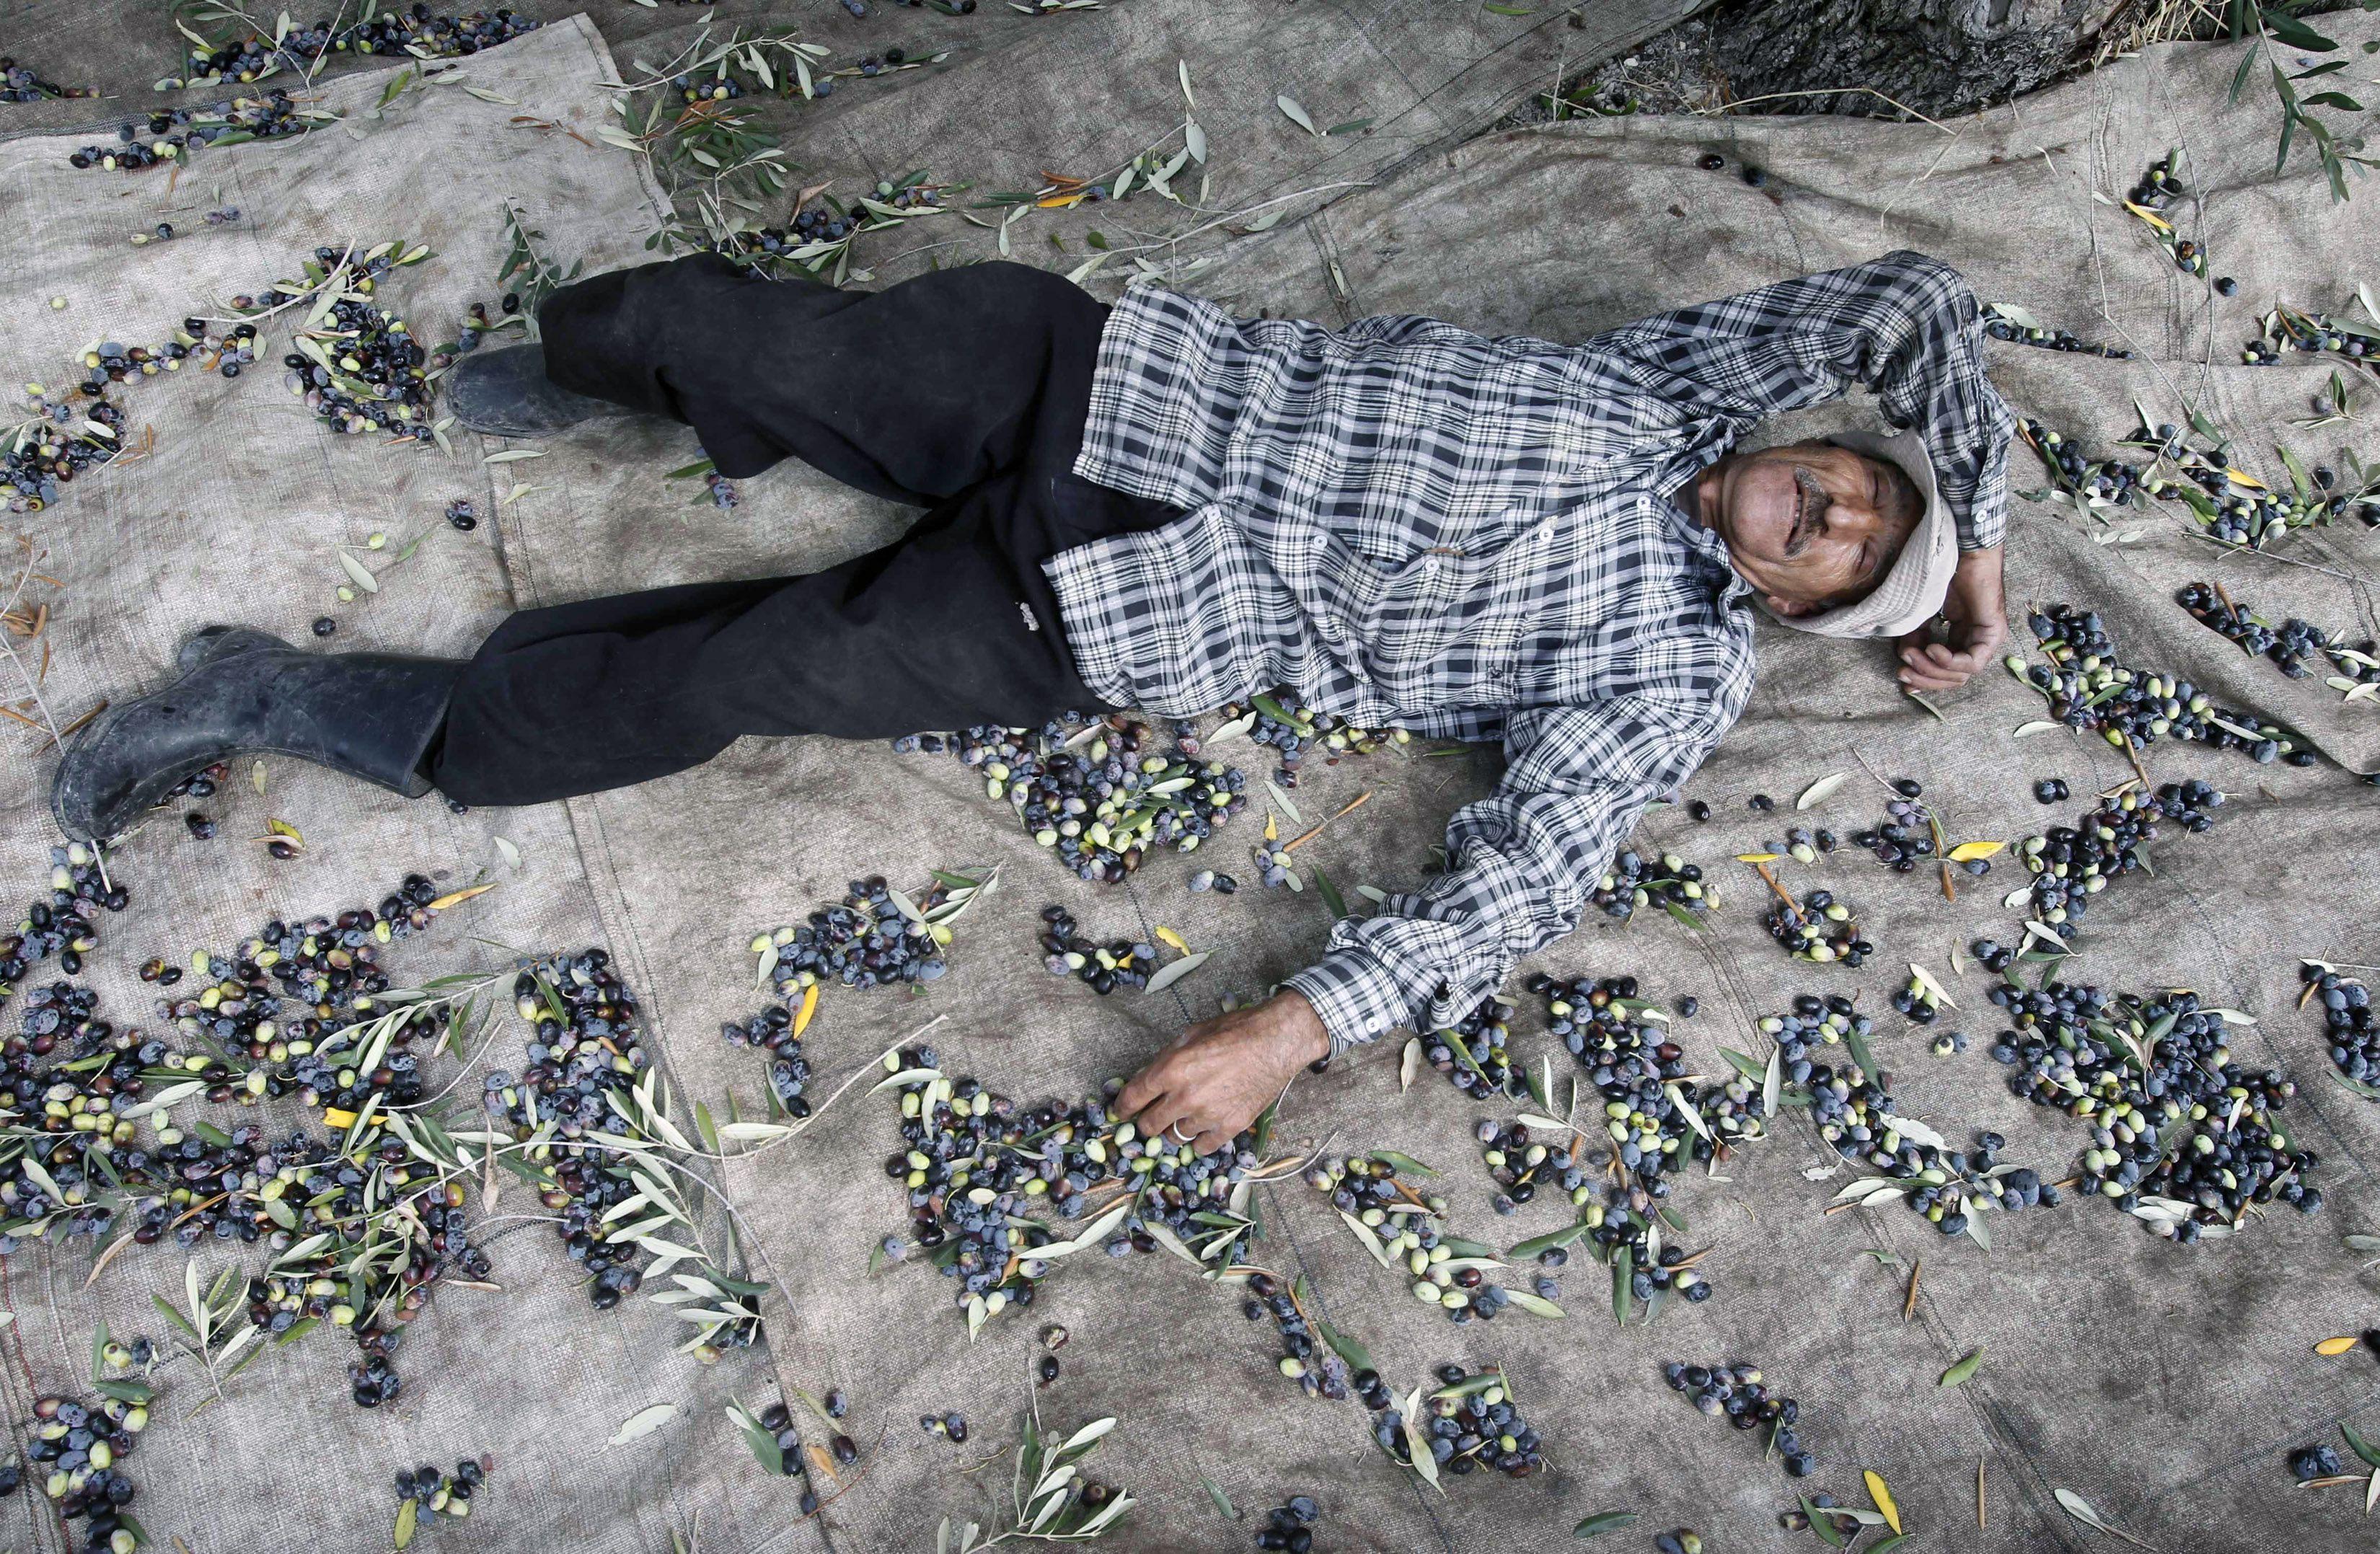 A villager rests while harvesting olives